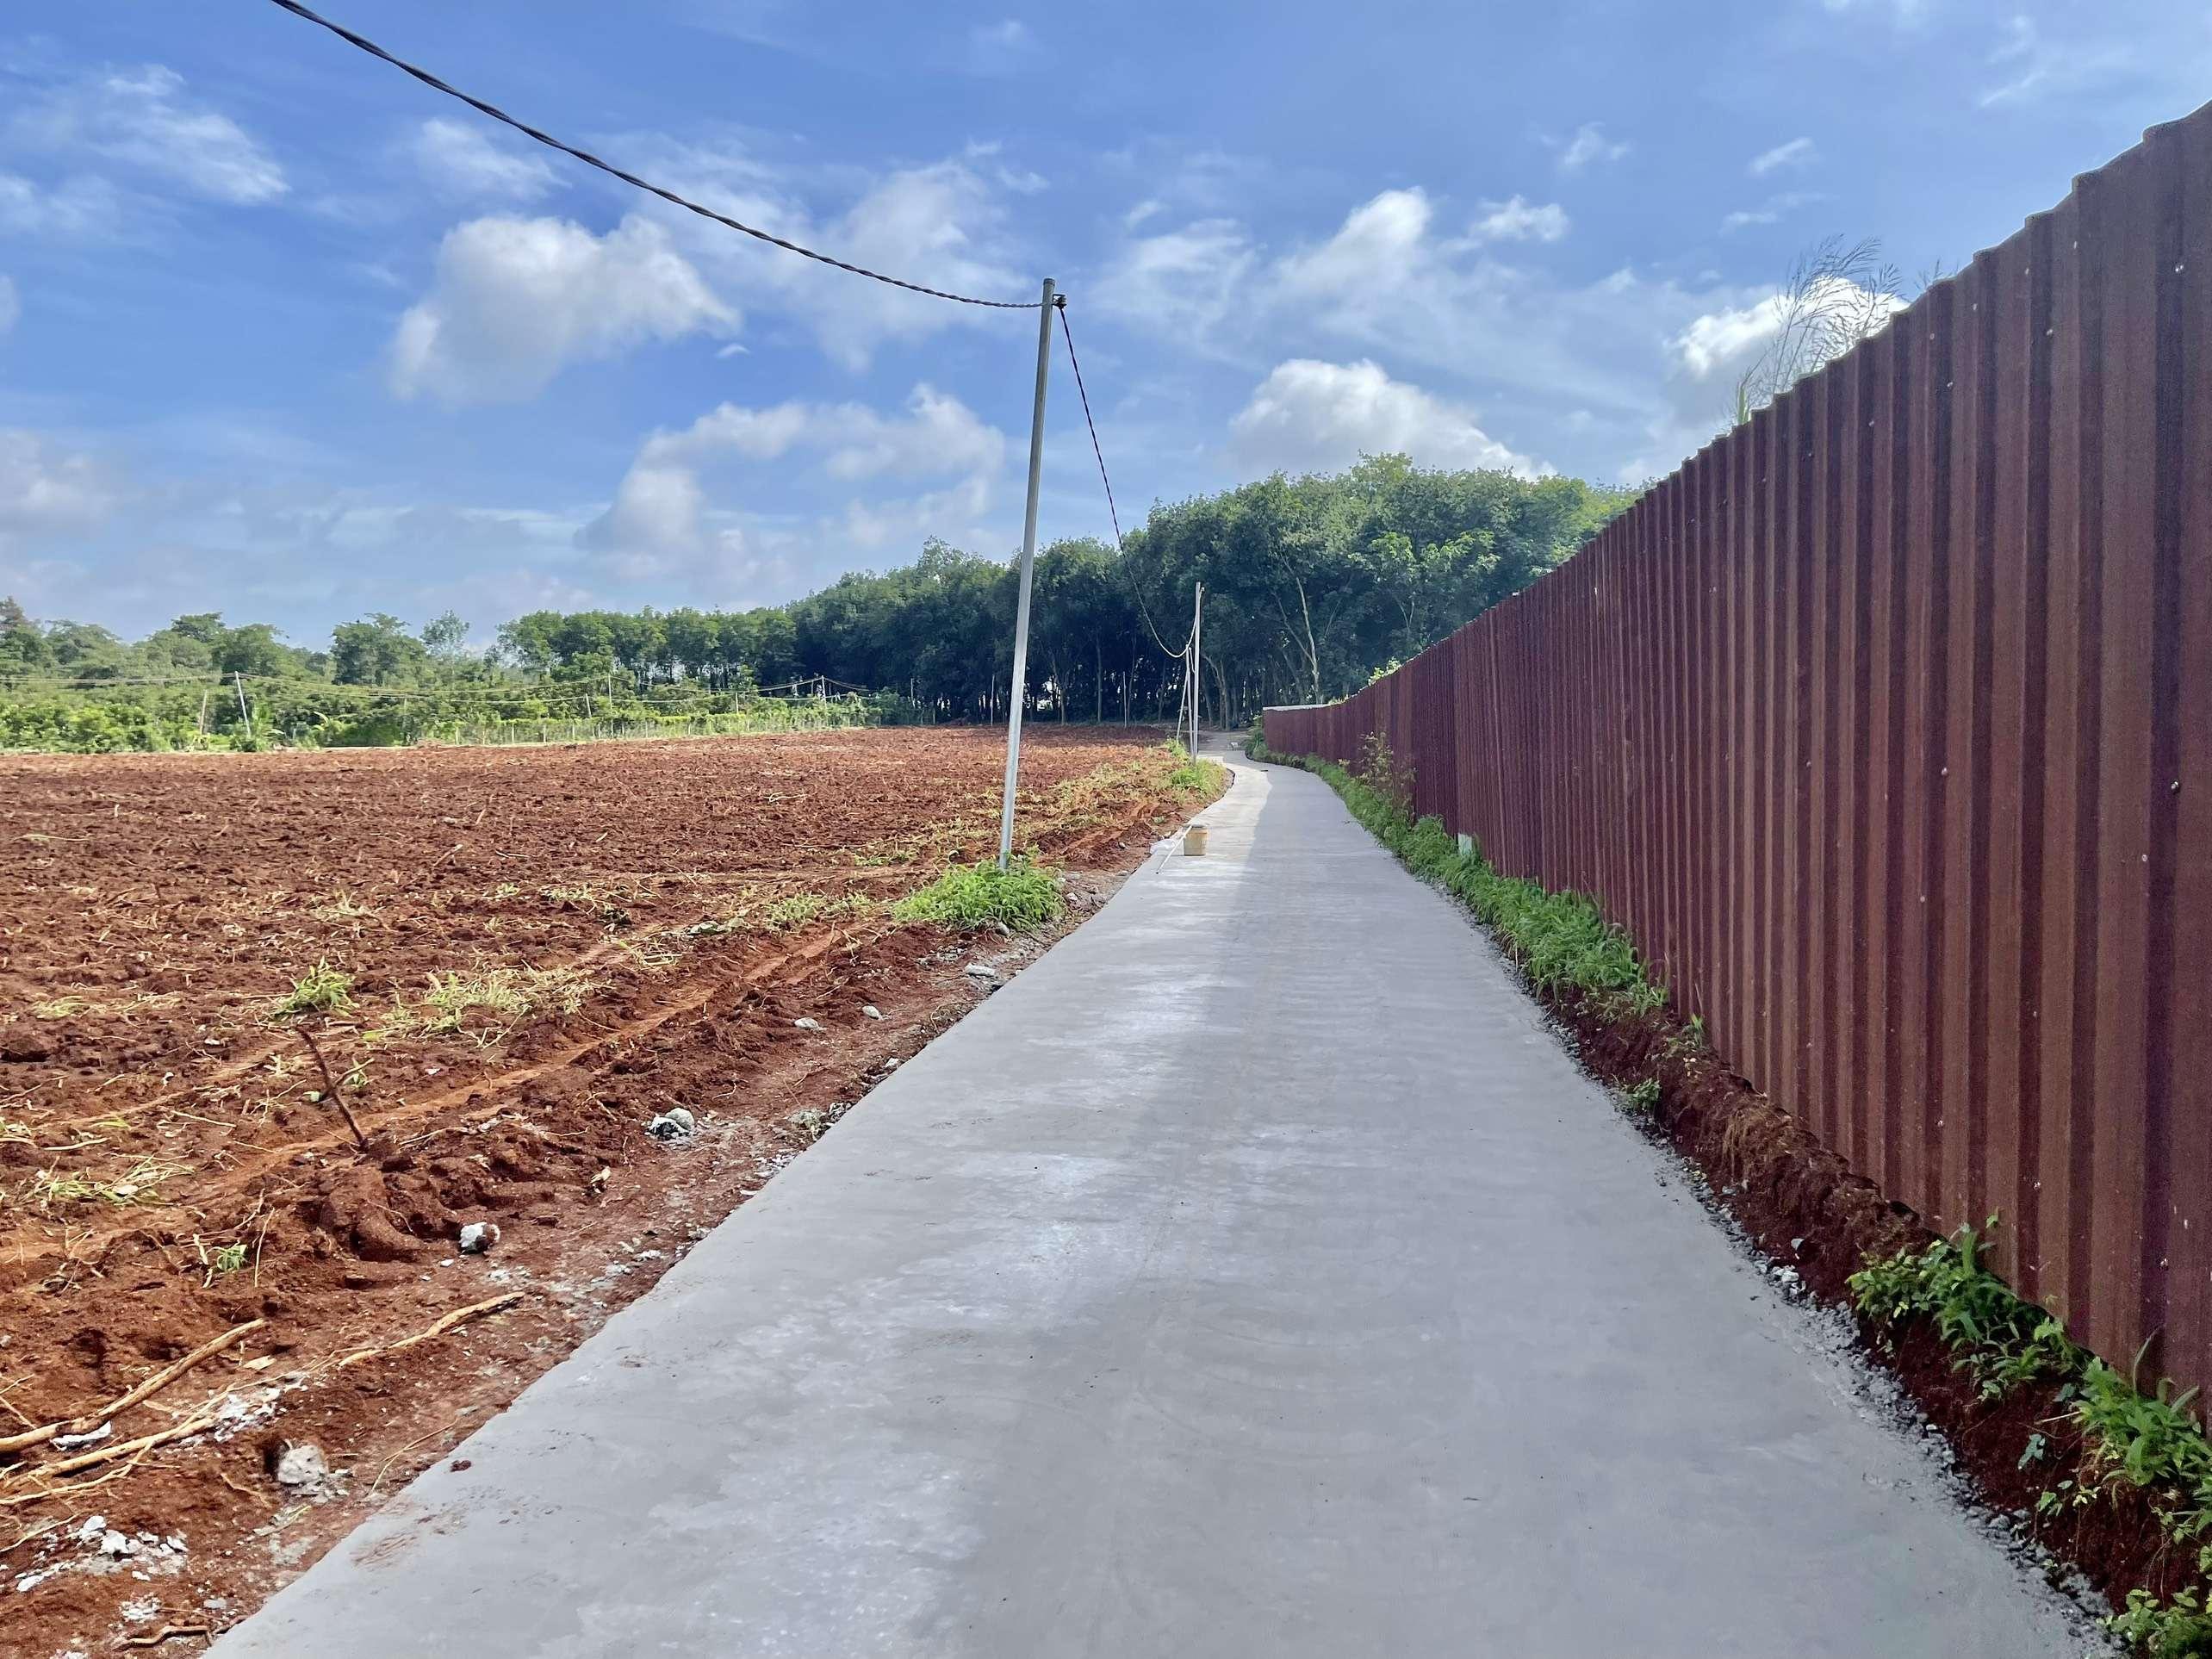 D067 - [ĐẦU TƯ SINH LỜI CAO ] Cần bán đất 24197m2 có mặt tiền dài hơn 500m, có sẵn 300m2 thổ cư cách DT764 chỉ 1.5km giá 14.52 tỷ tại Bảo Bình, Cẩm Mỹ, Đồng Nai